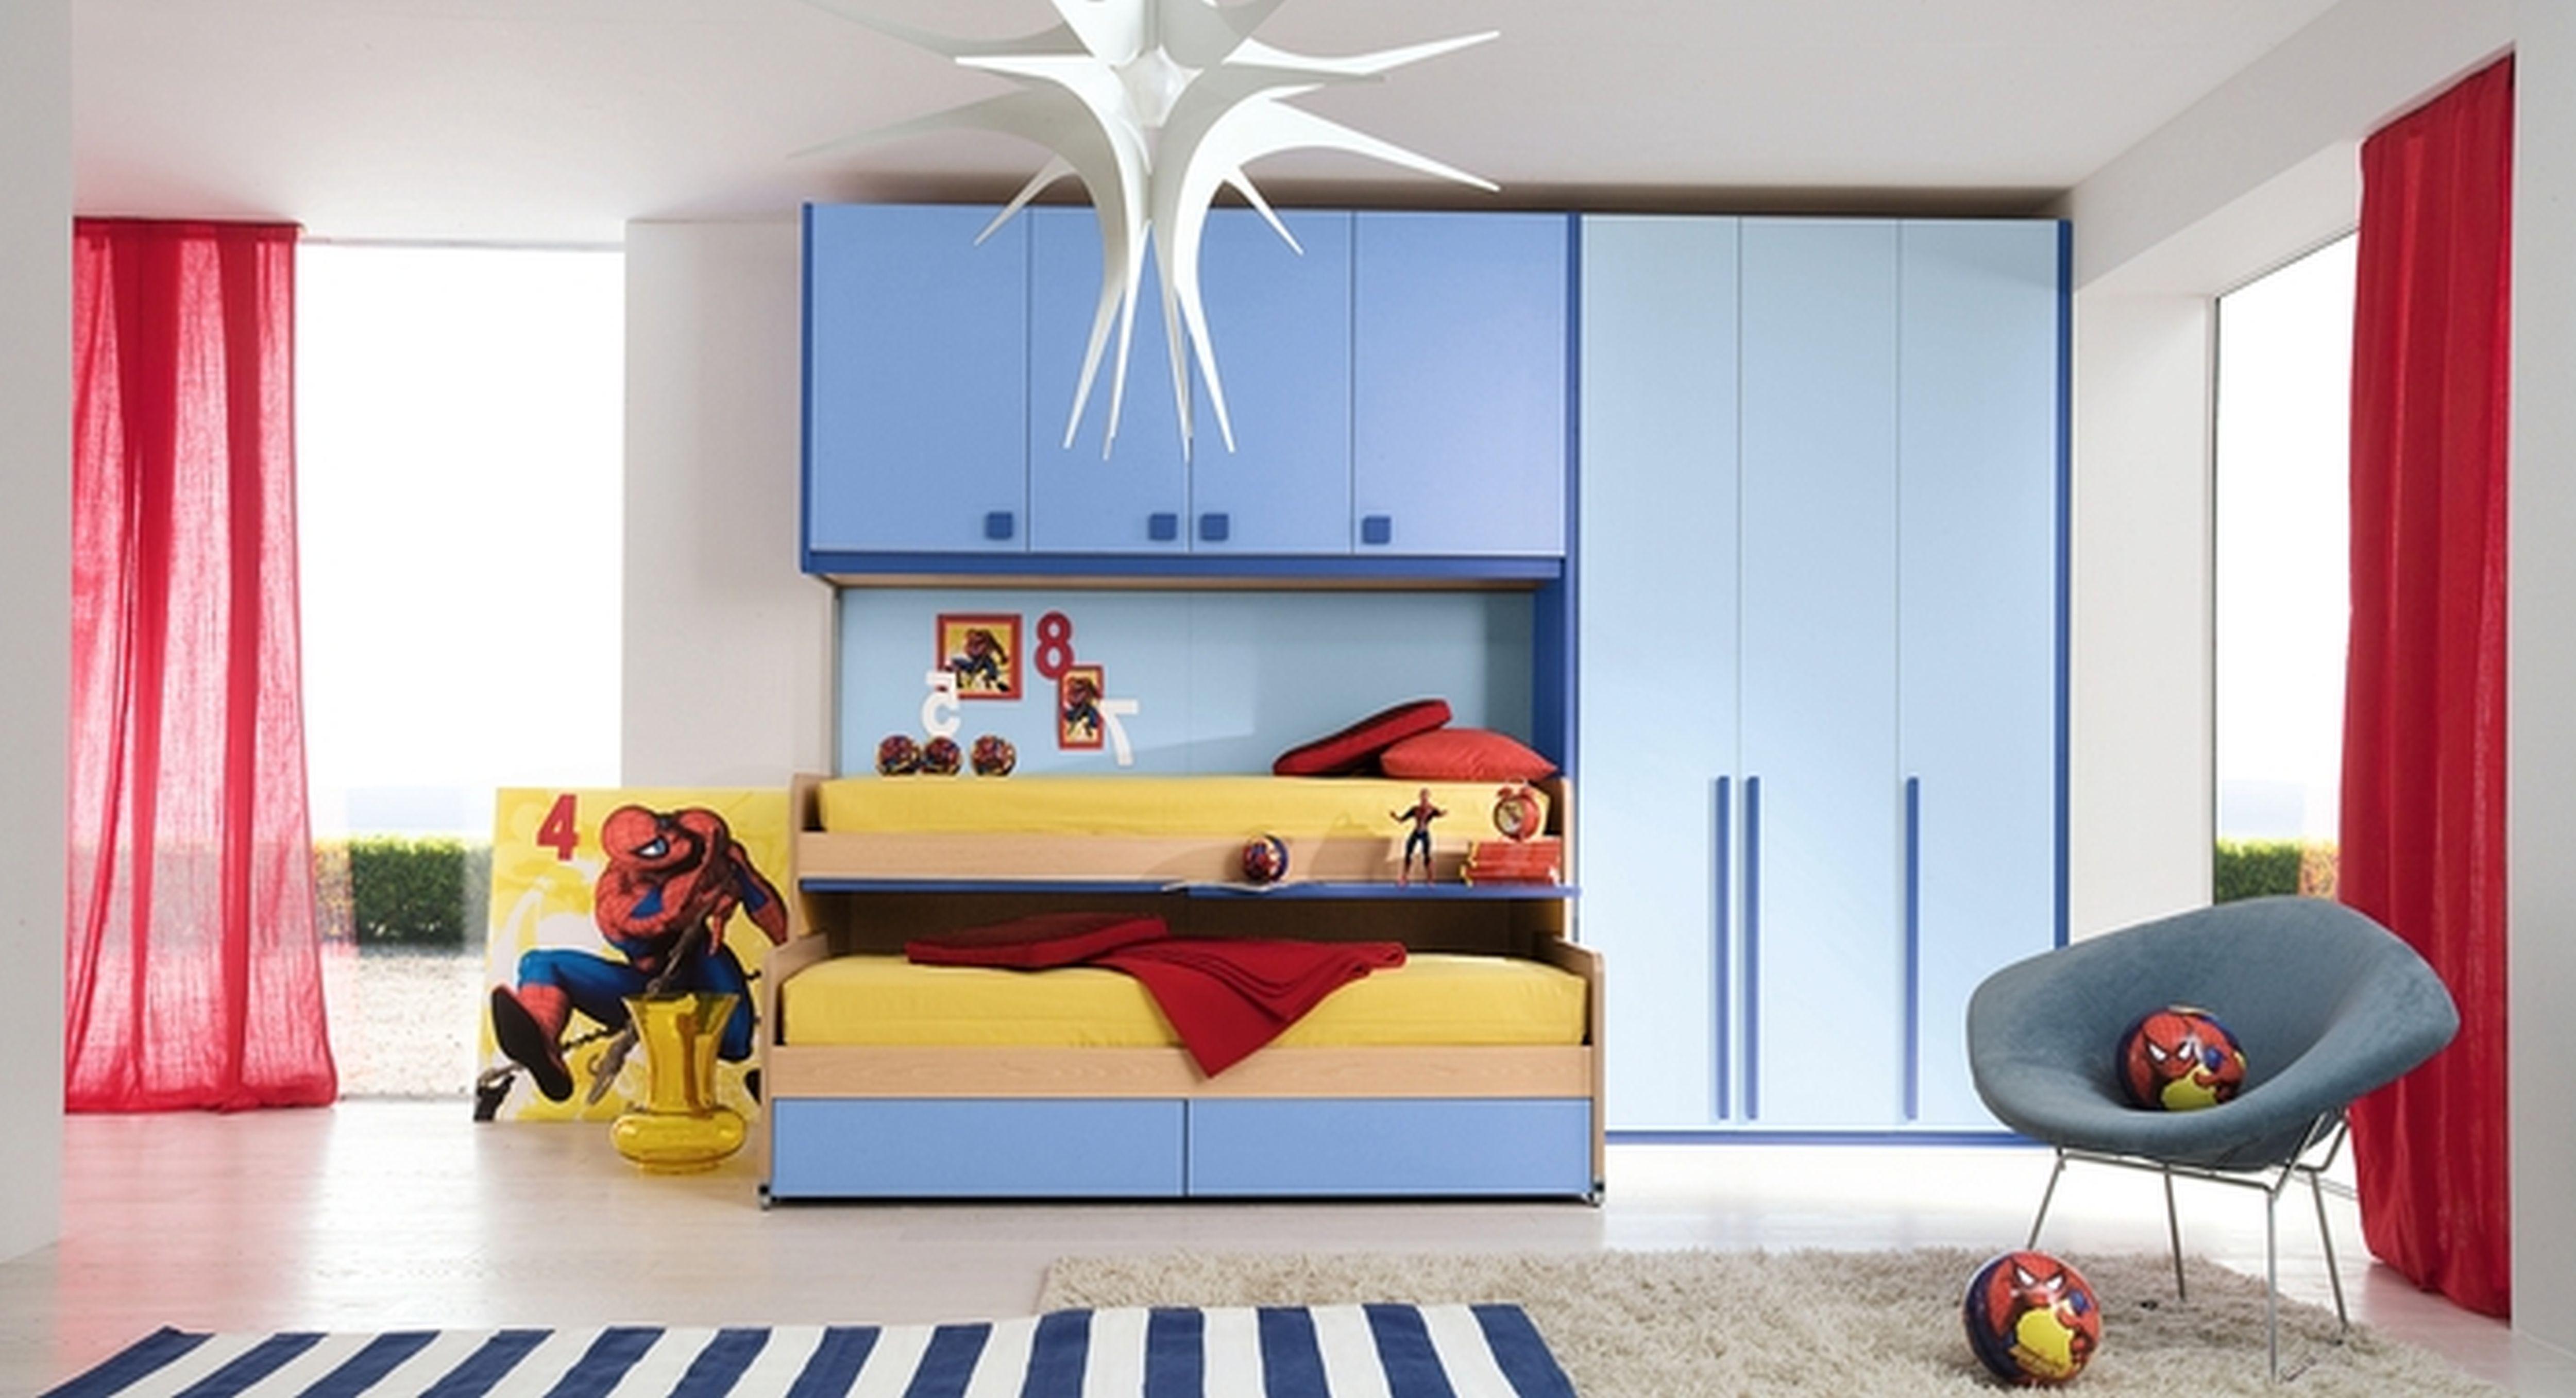 صورة غرف اولاد, هذه هي غرفة الاولاد غير البنات بالتاكيد 708 5